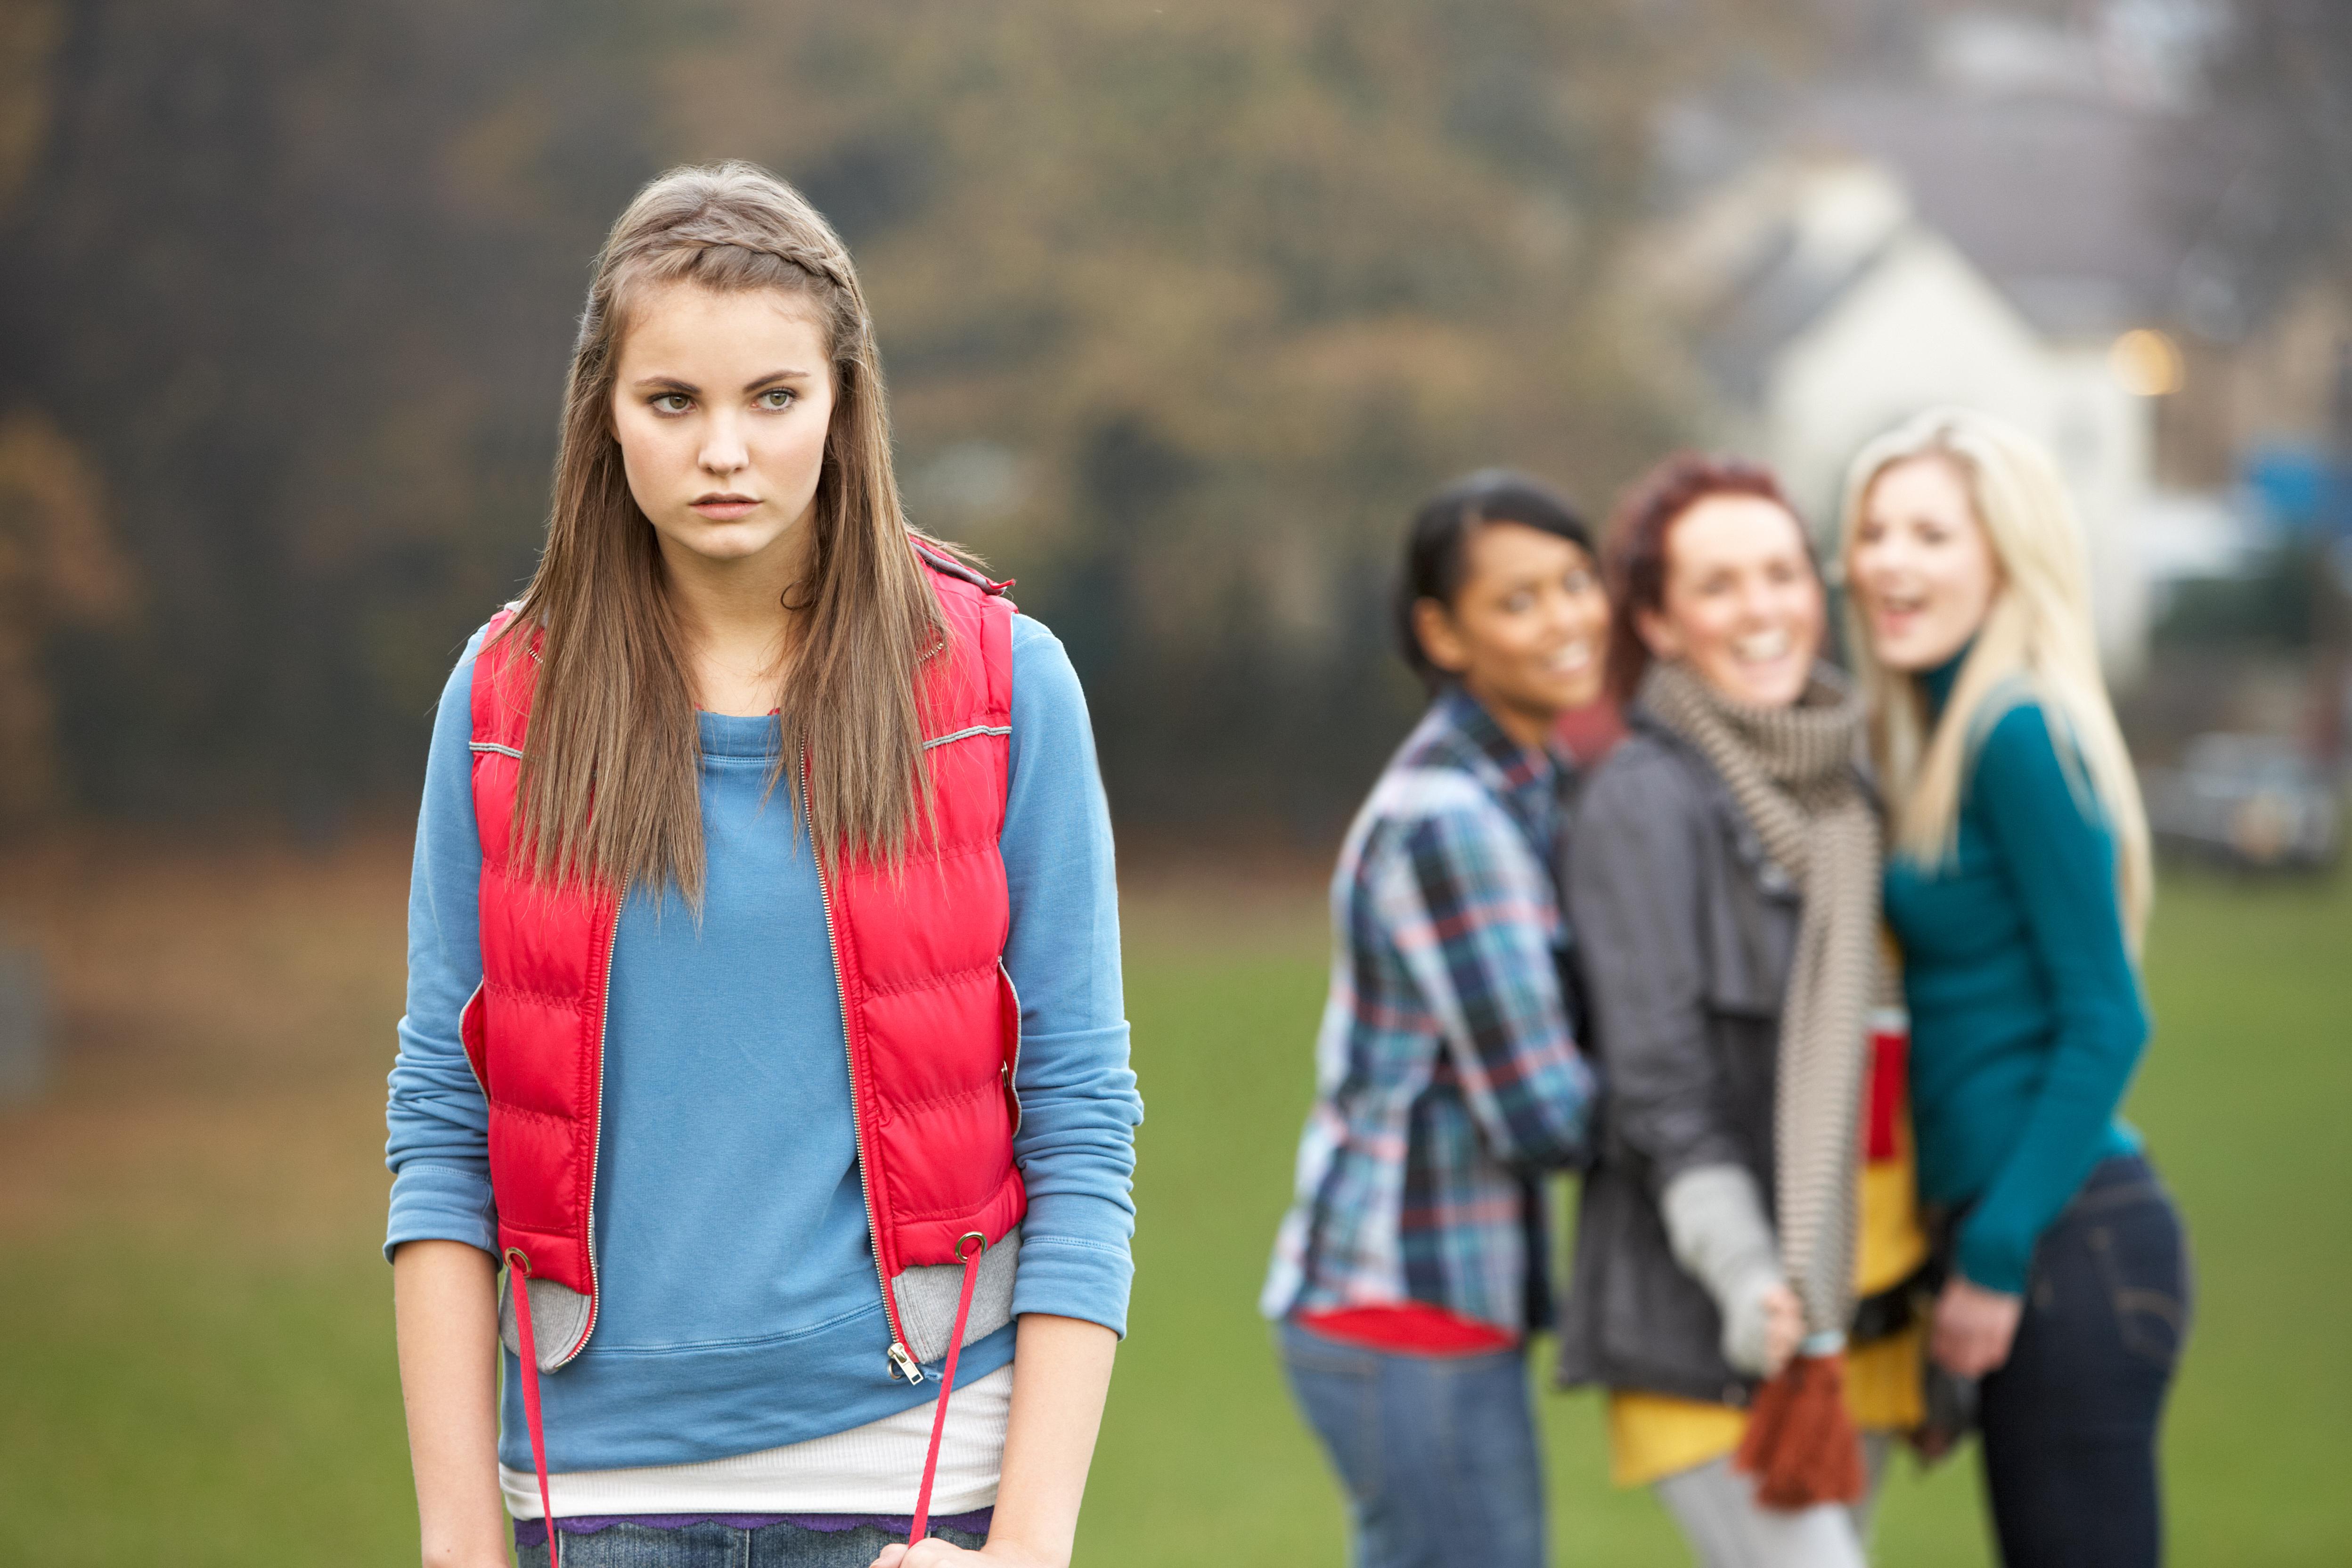 Om man generaliserar är det vanligare med fysiskt våld när killar mobbar och utfrysning när det gäller tjejer.